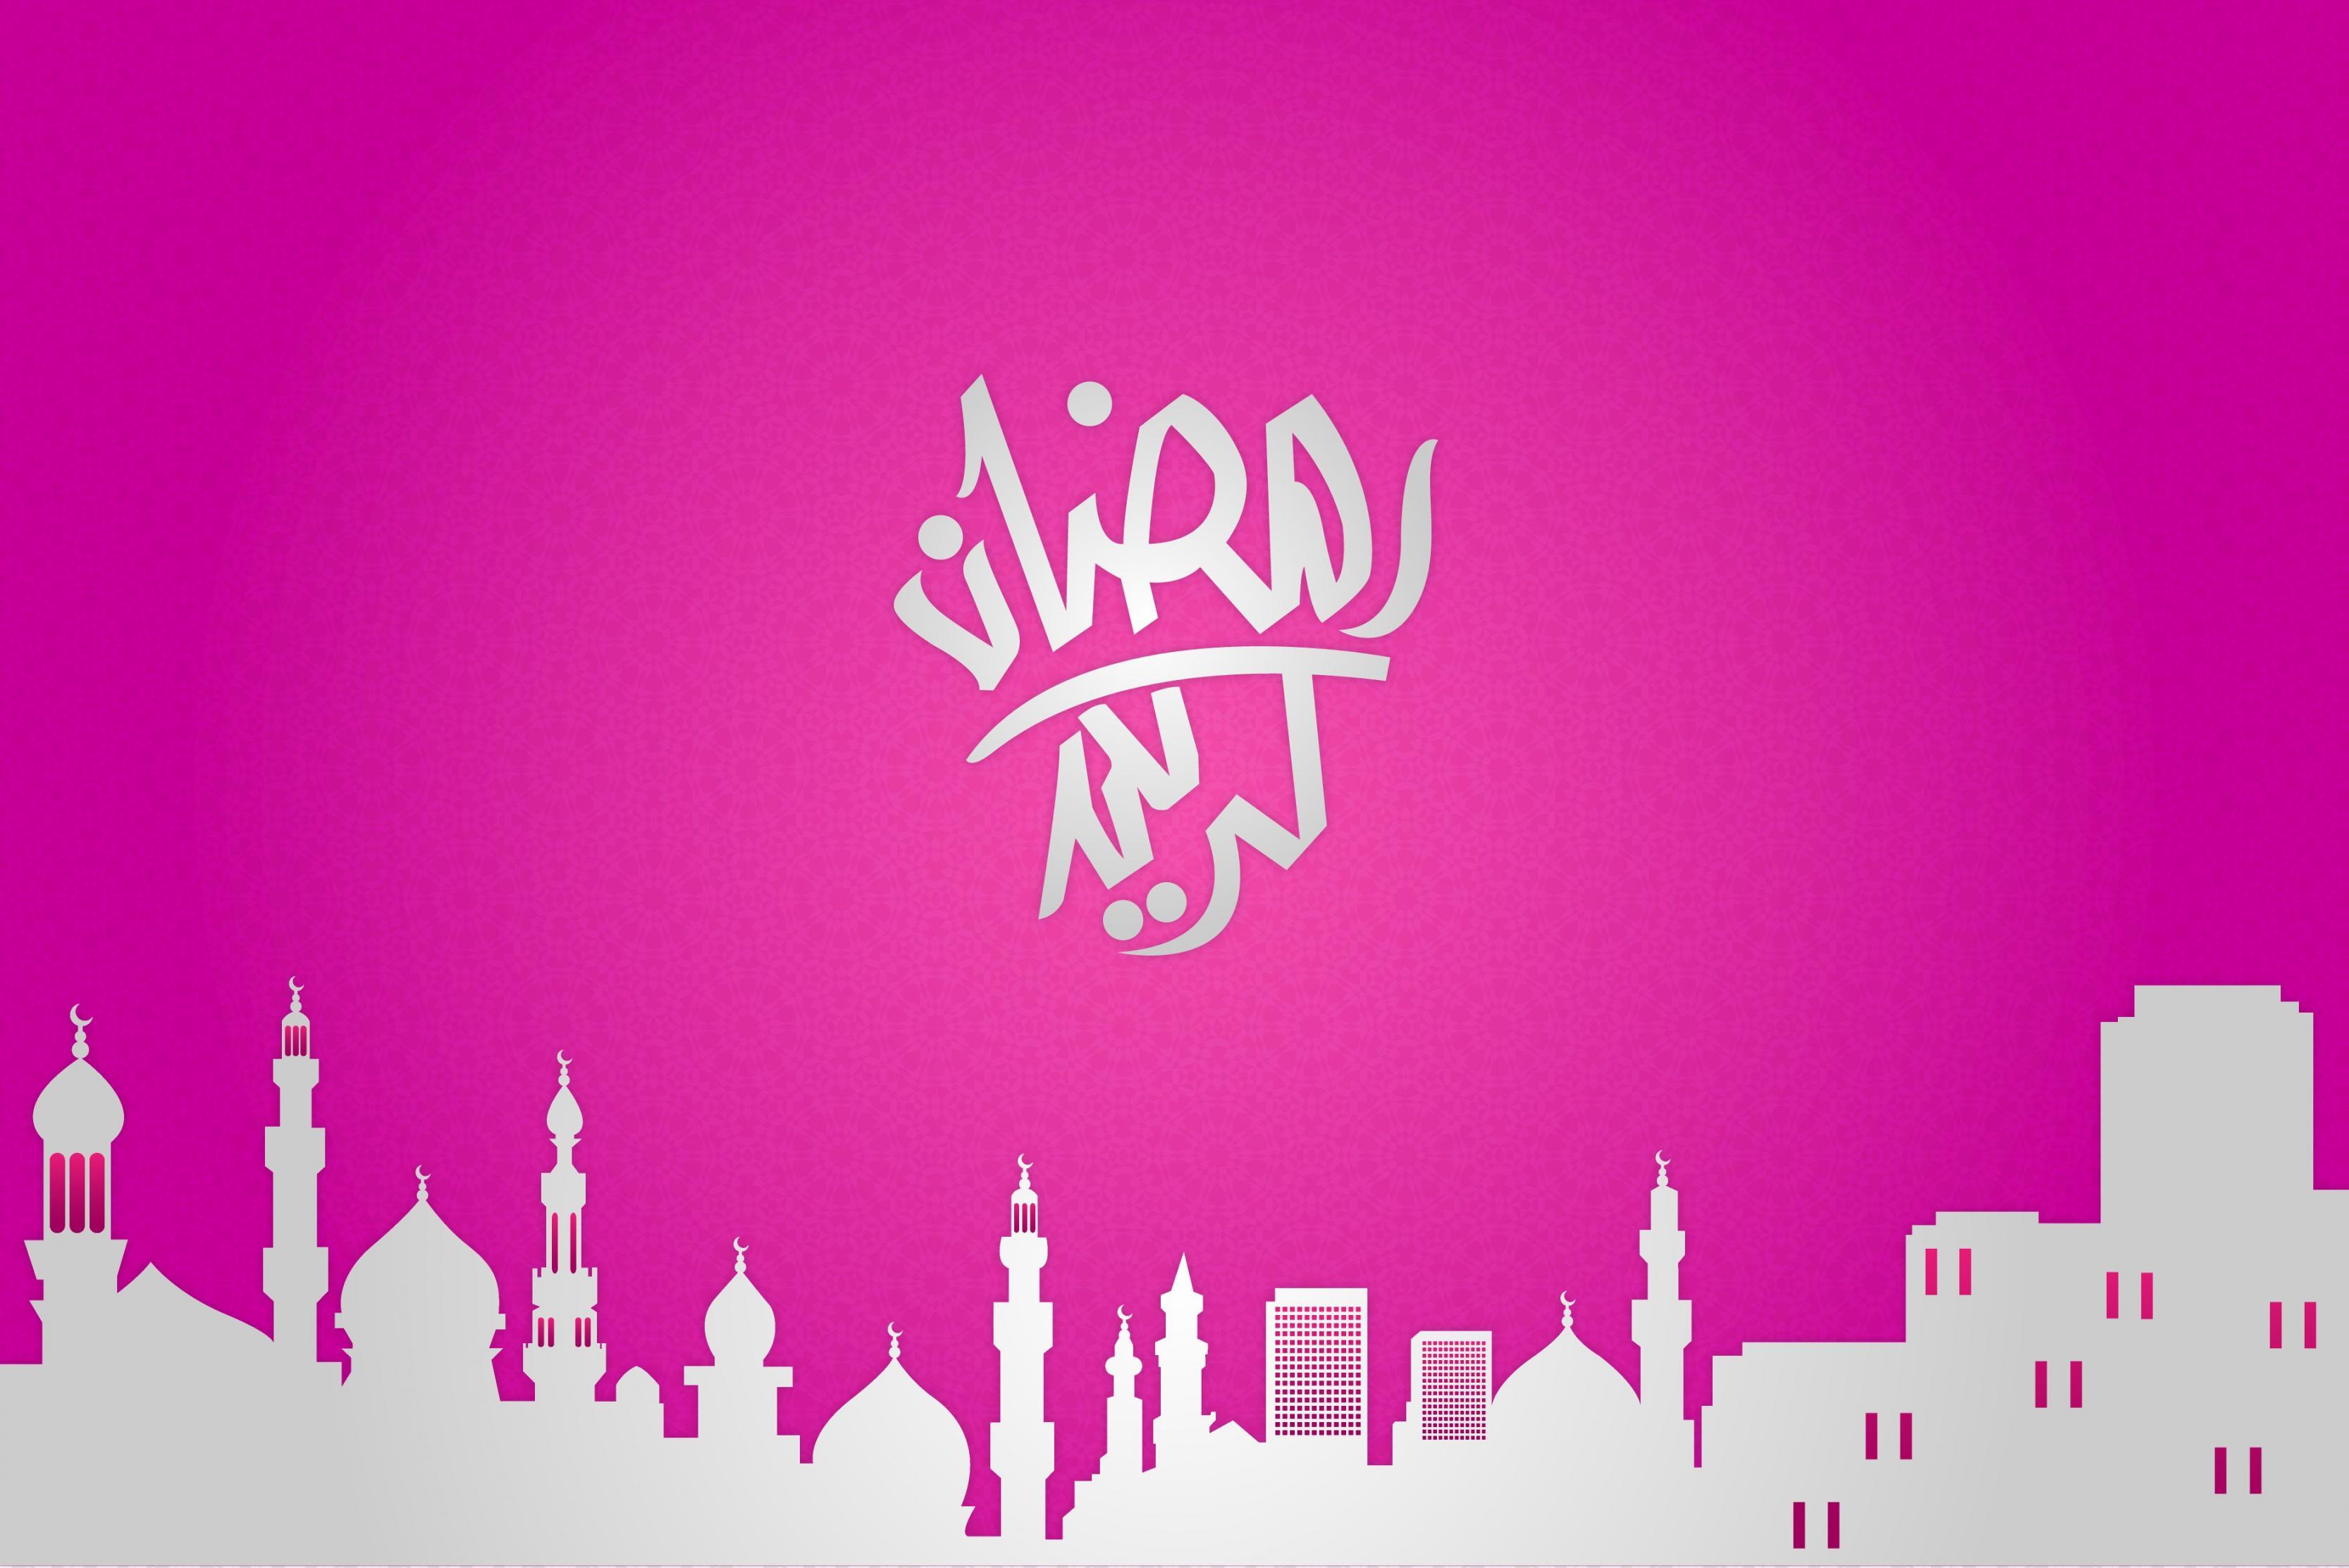 صورة انشودة رمضان , اجمل انشودة رمضانية رائعة